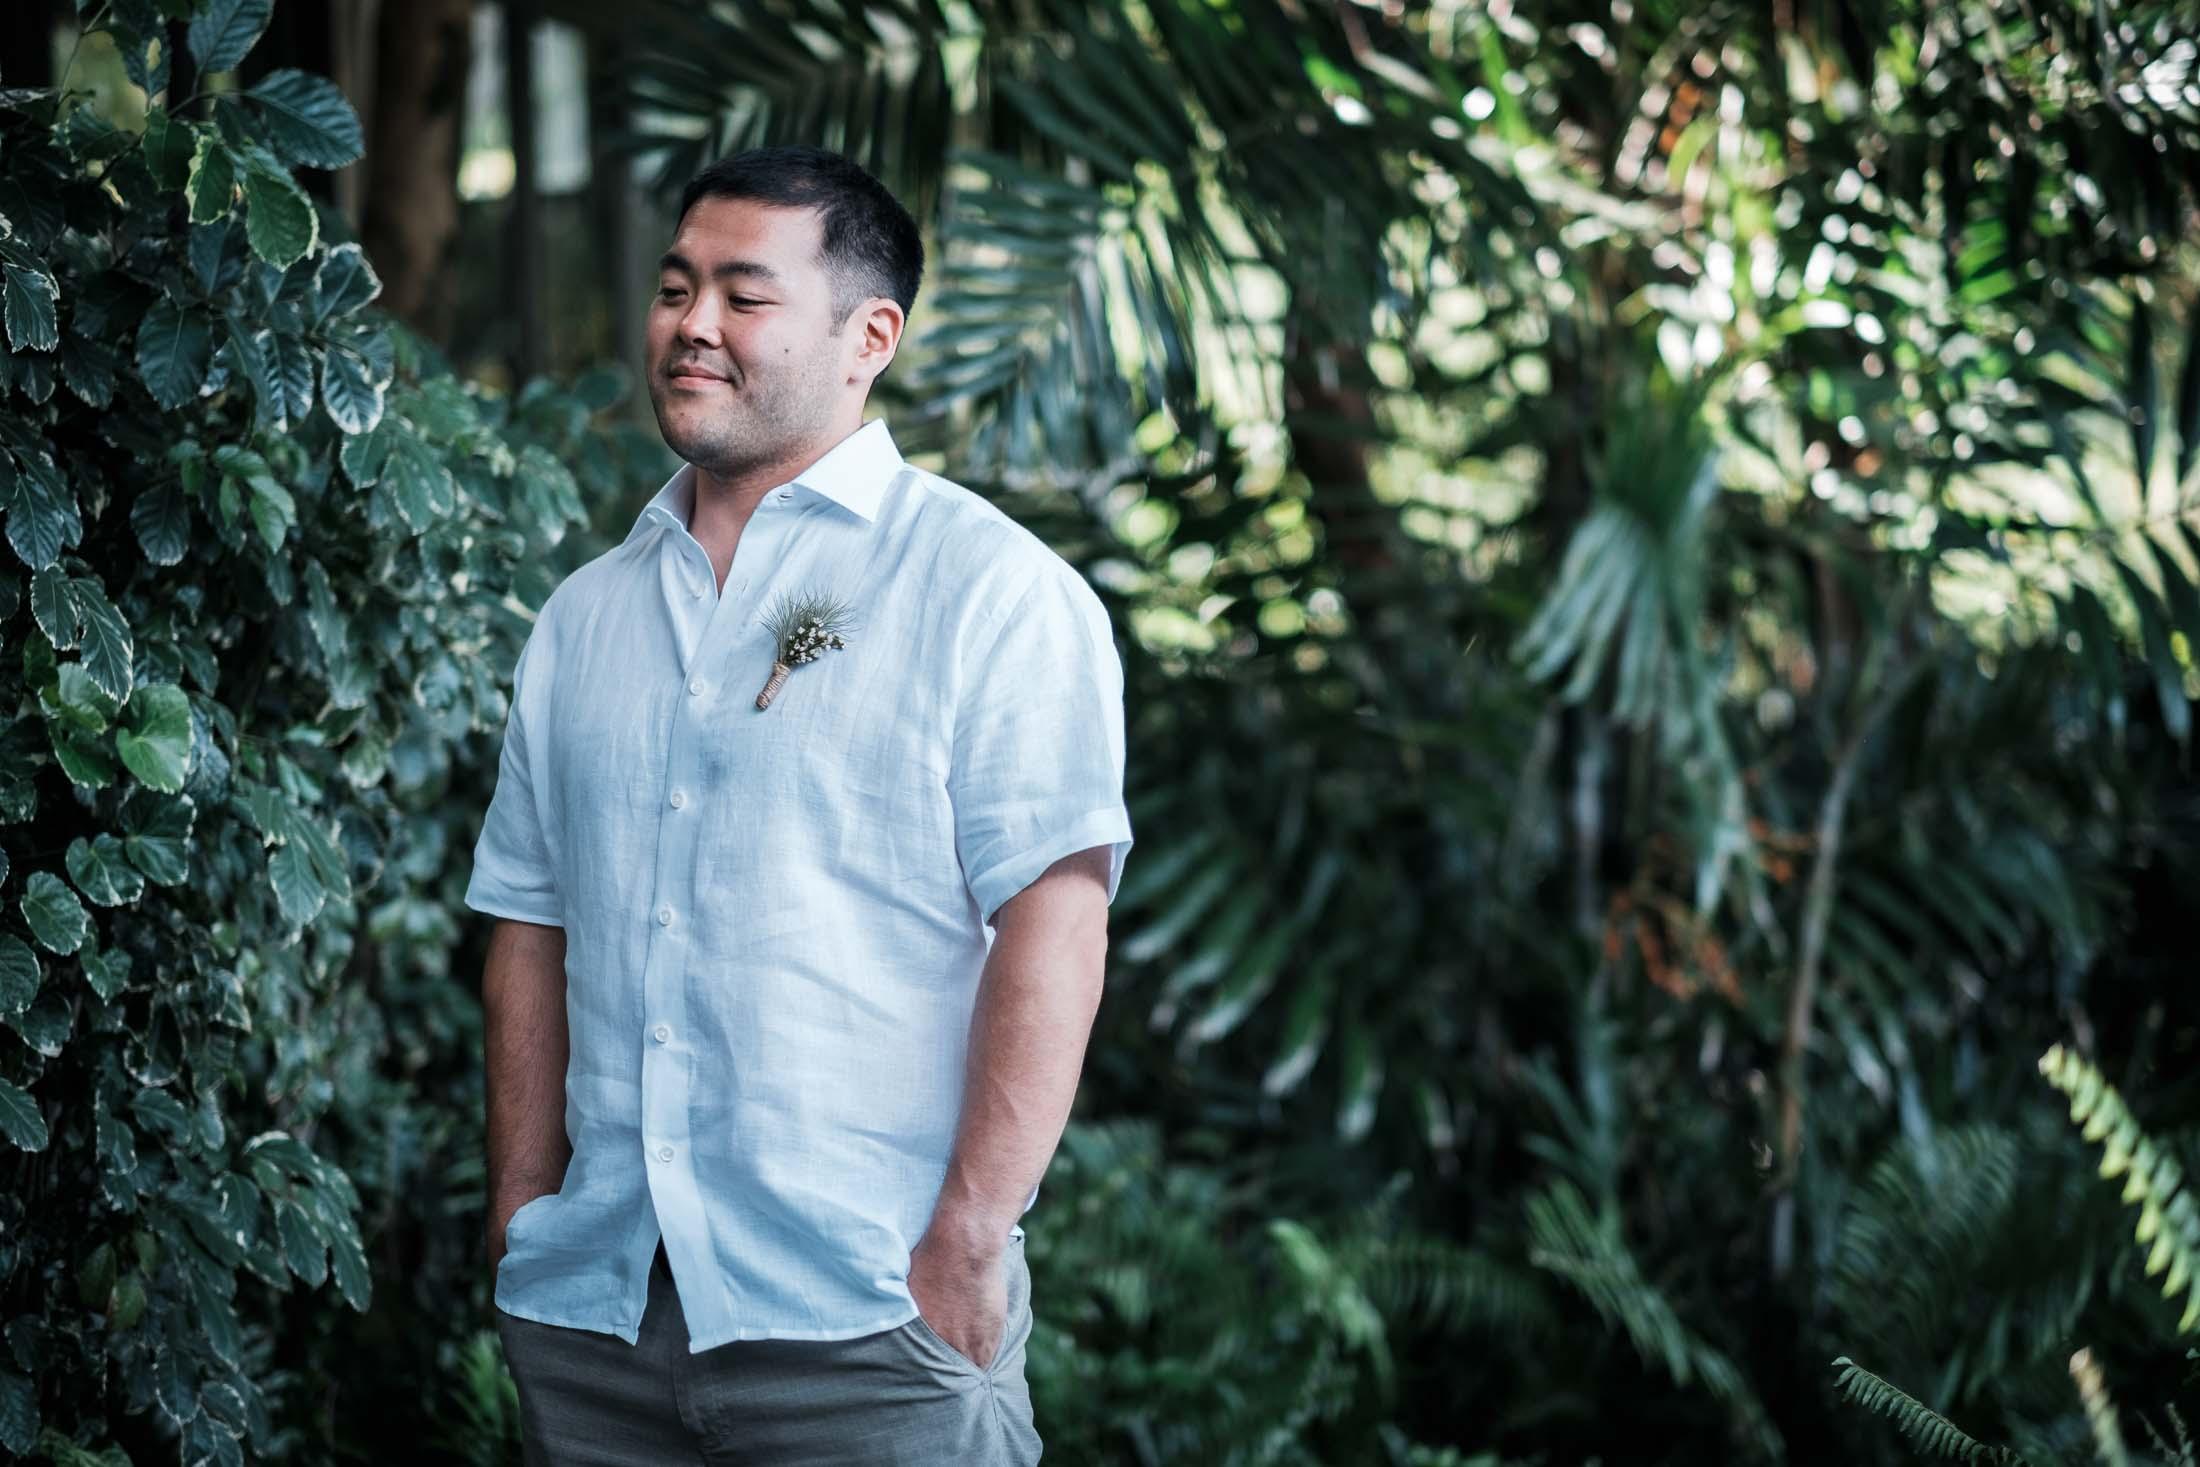 Photographe Mariage Thailande en attendant sa femme